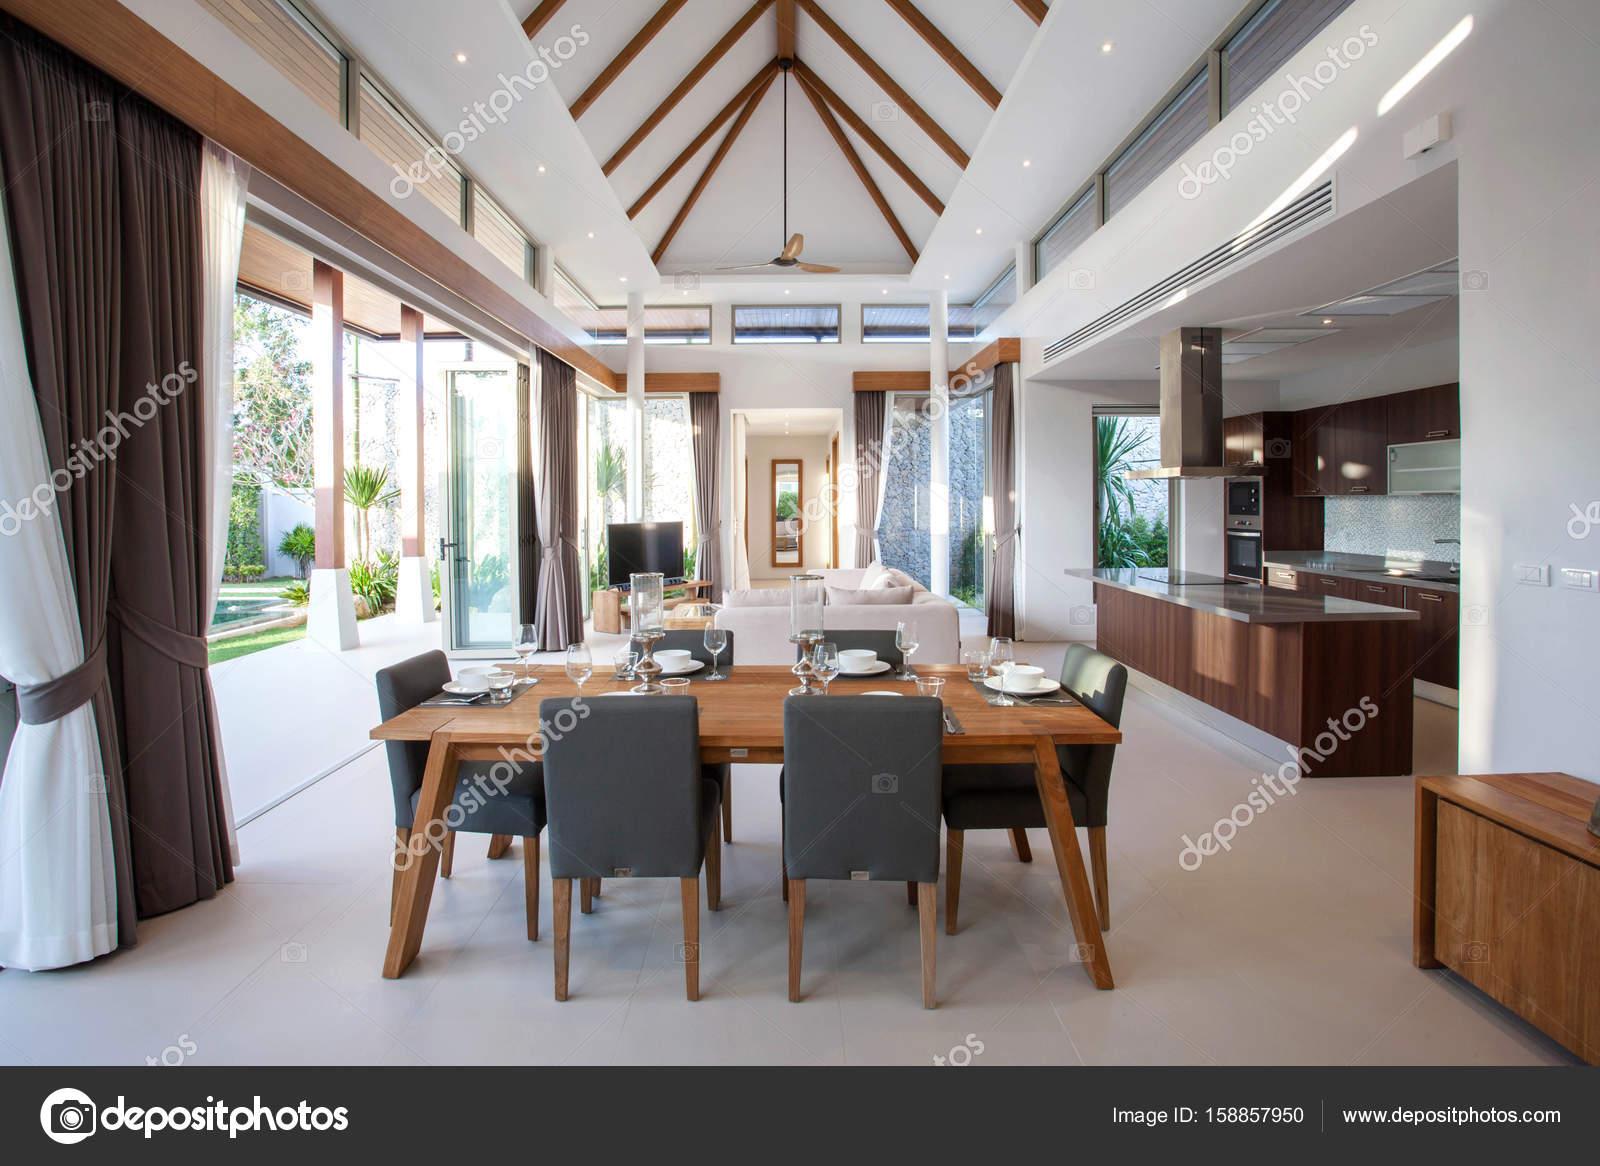 Fotos: salon comedor de lujo | Diseño de interiores de lujo en salón ...